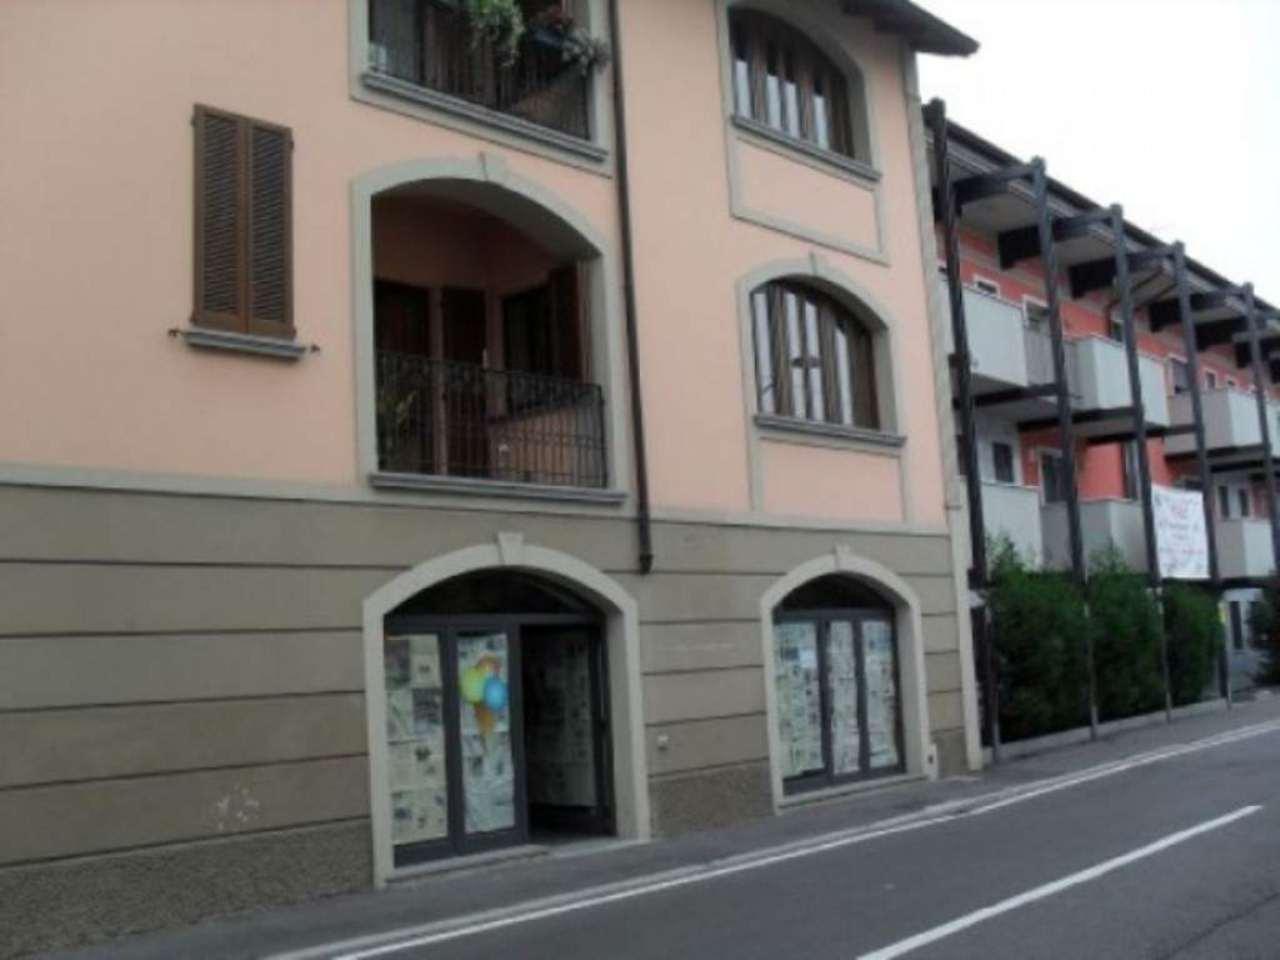 Negozio / Locale in vendita a Treviglio, 6 locali, prezzo € 300.000 | CambioCasa.it